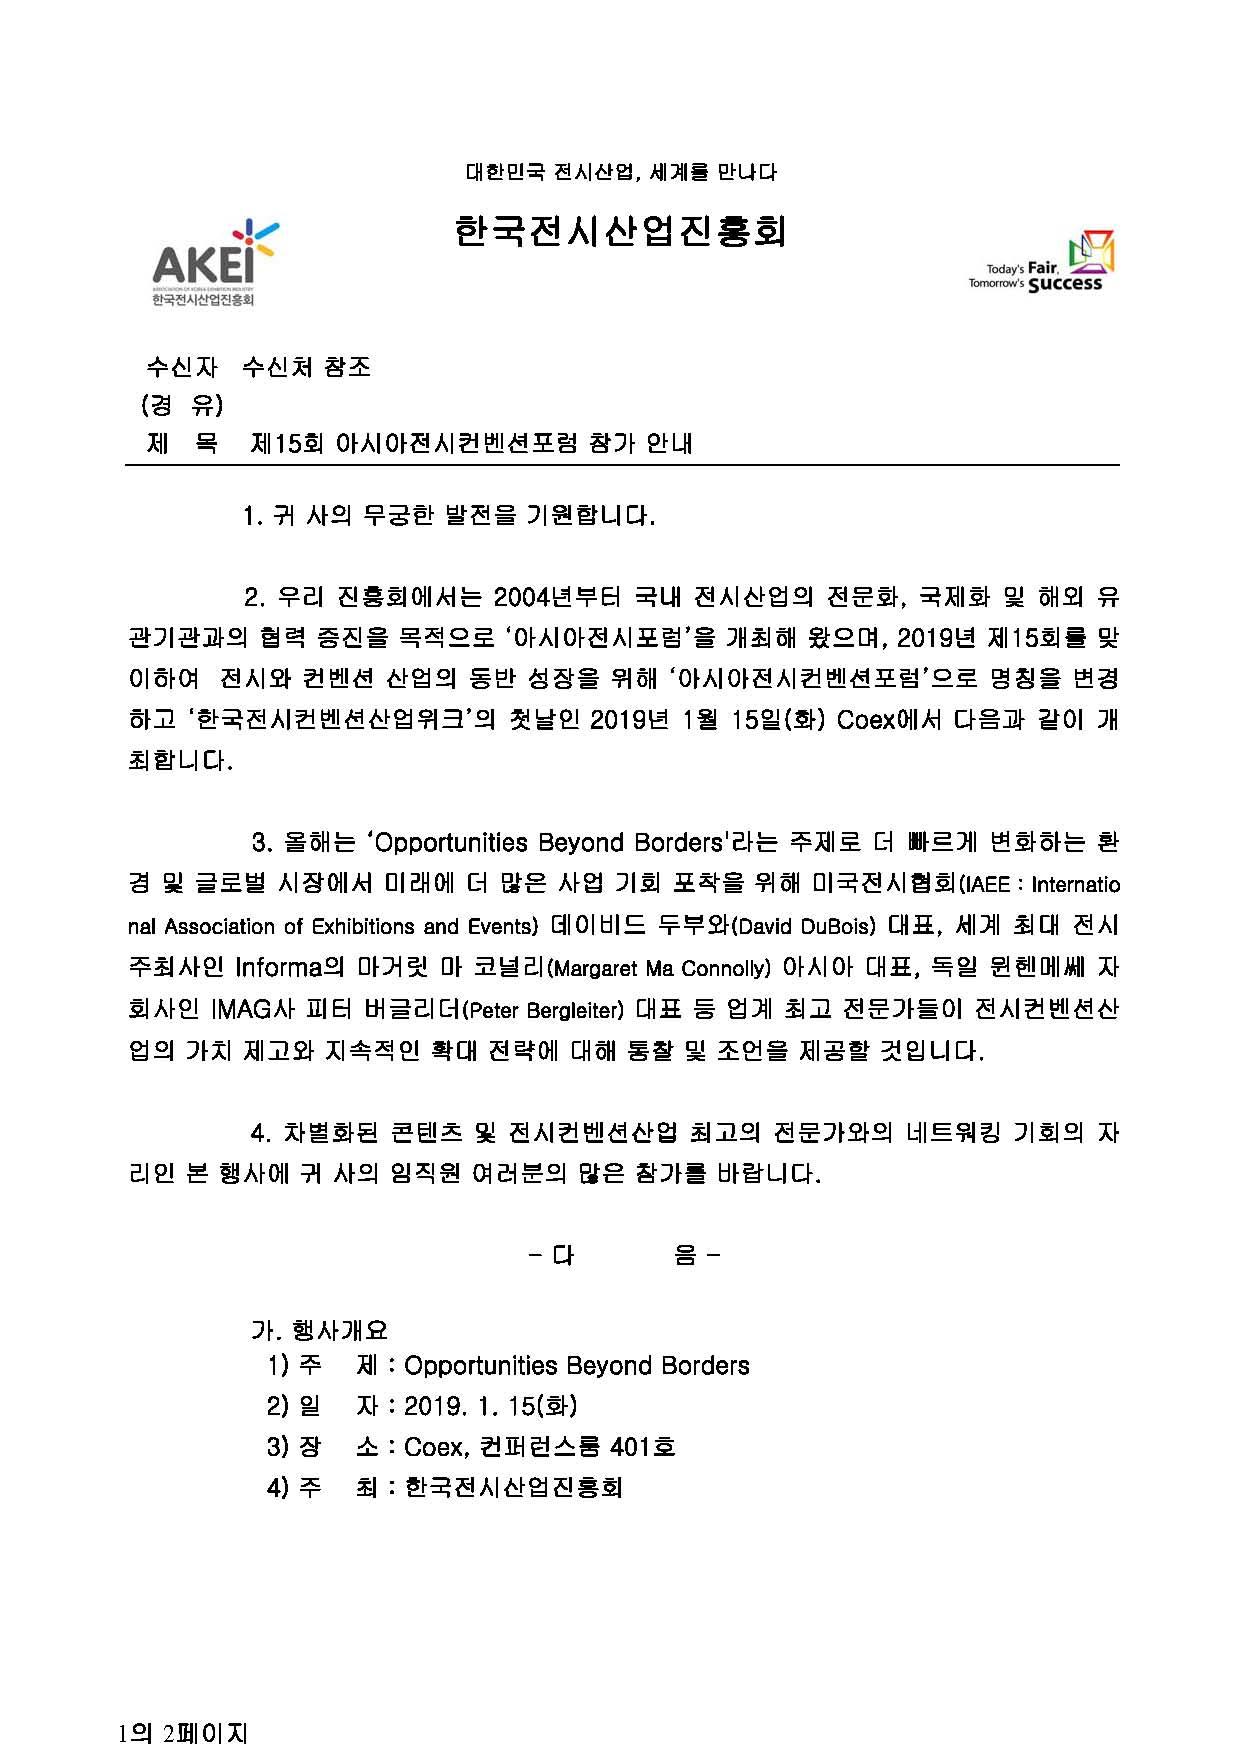 1. (전진-2018-0689) 제15회 아시아전시컨벤션포럼 참가 안내 공문_페이지_1.jpg